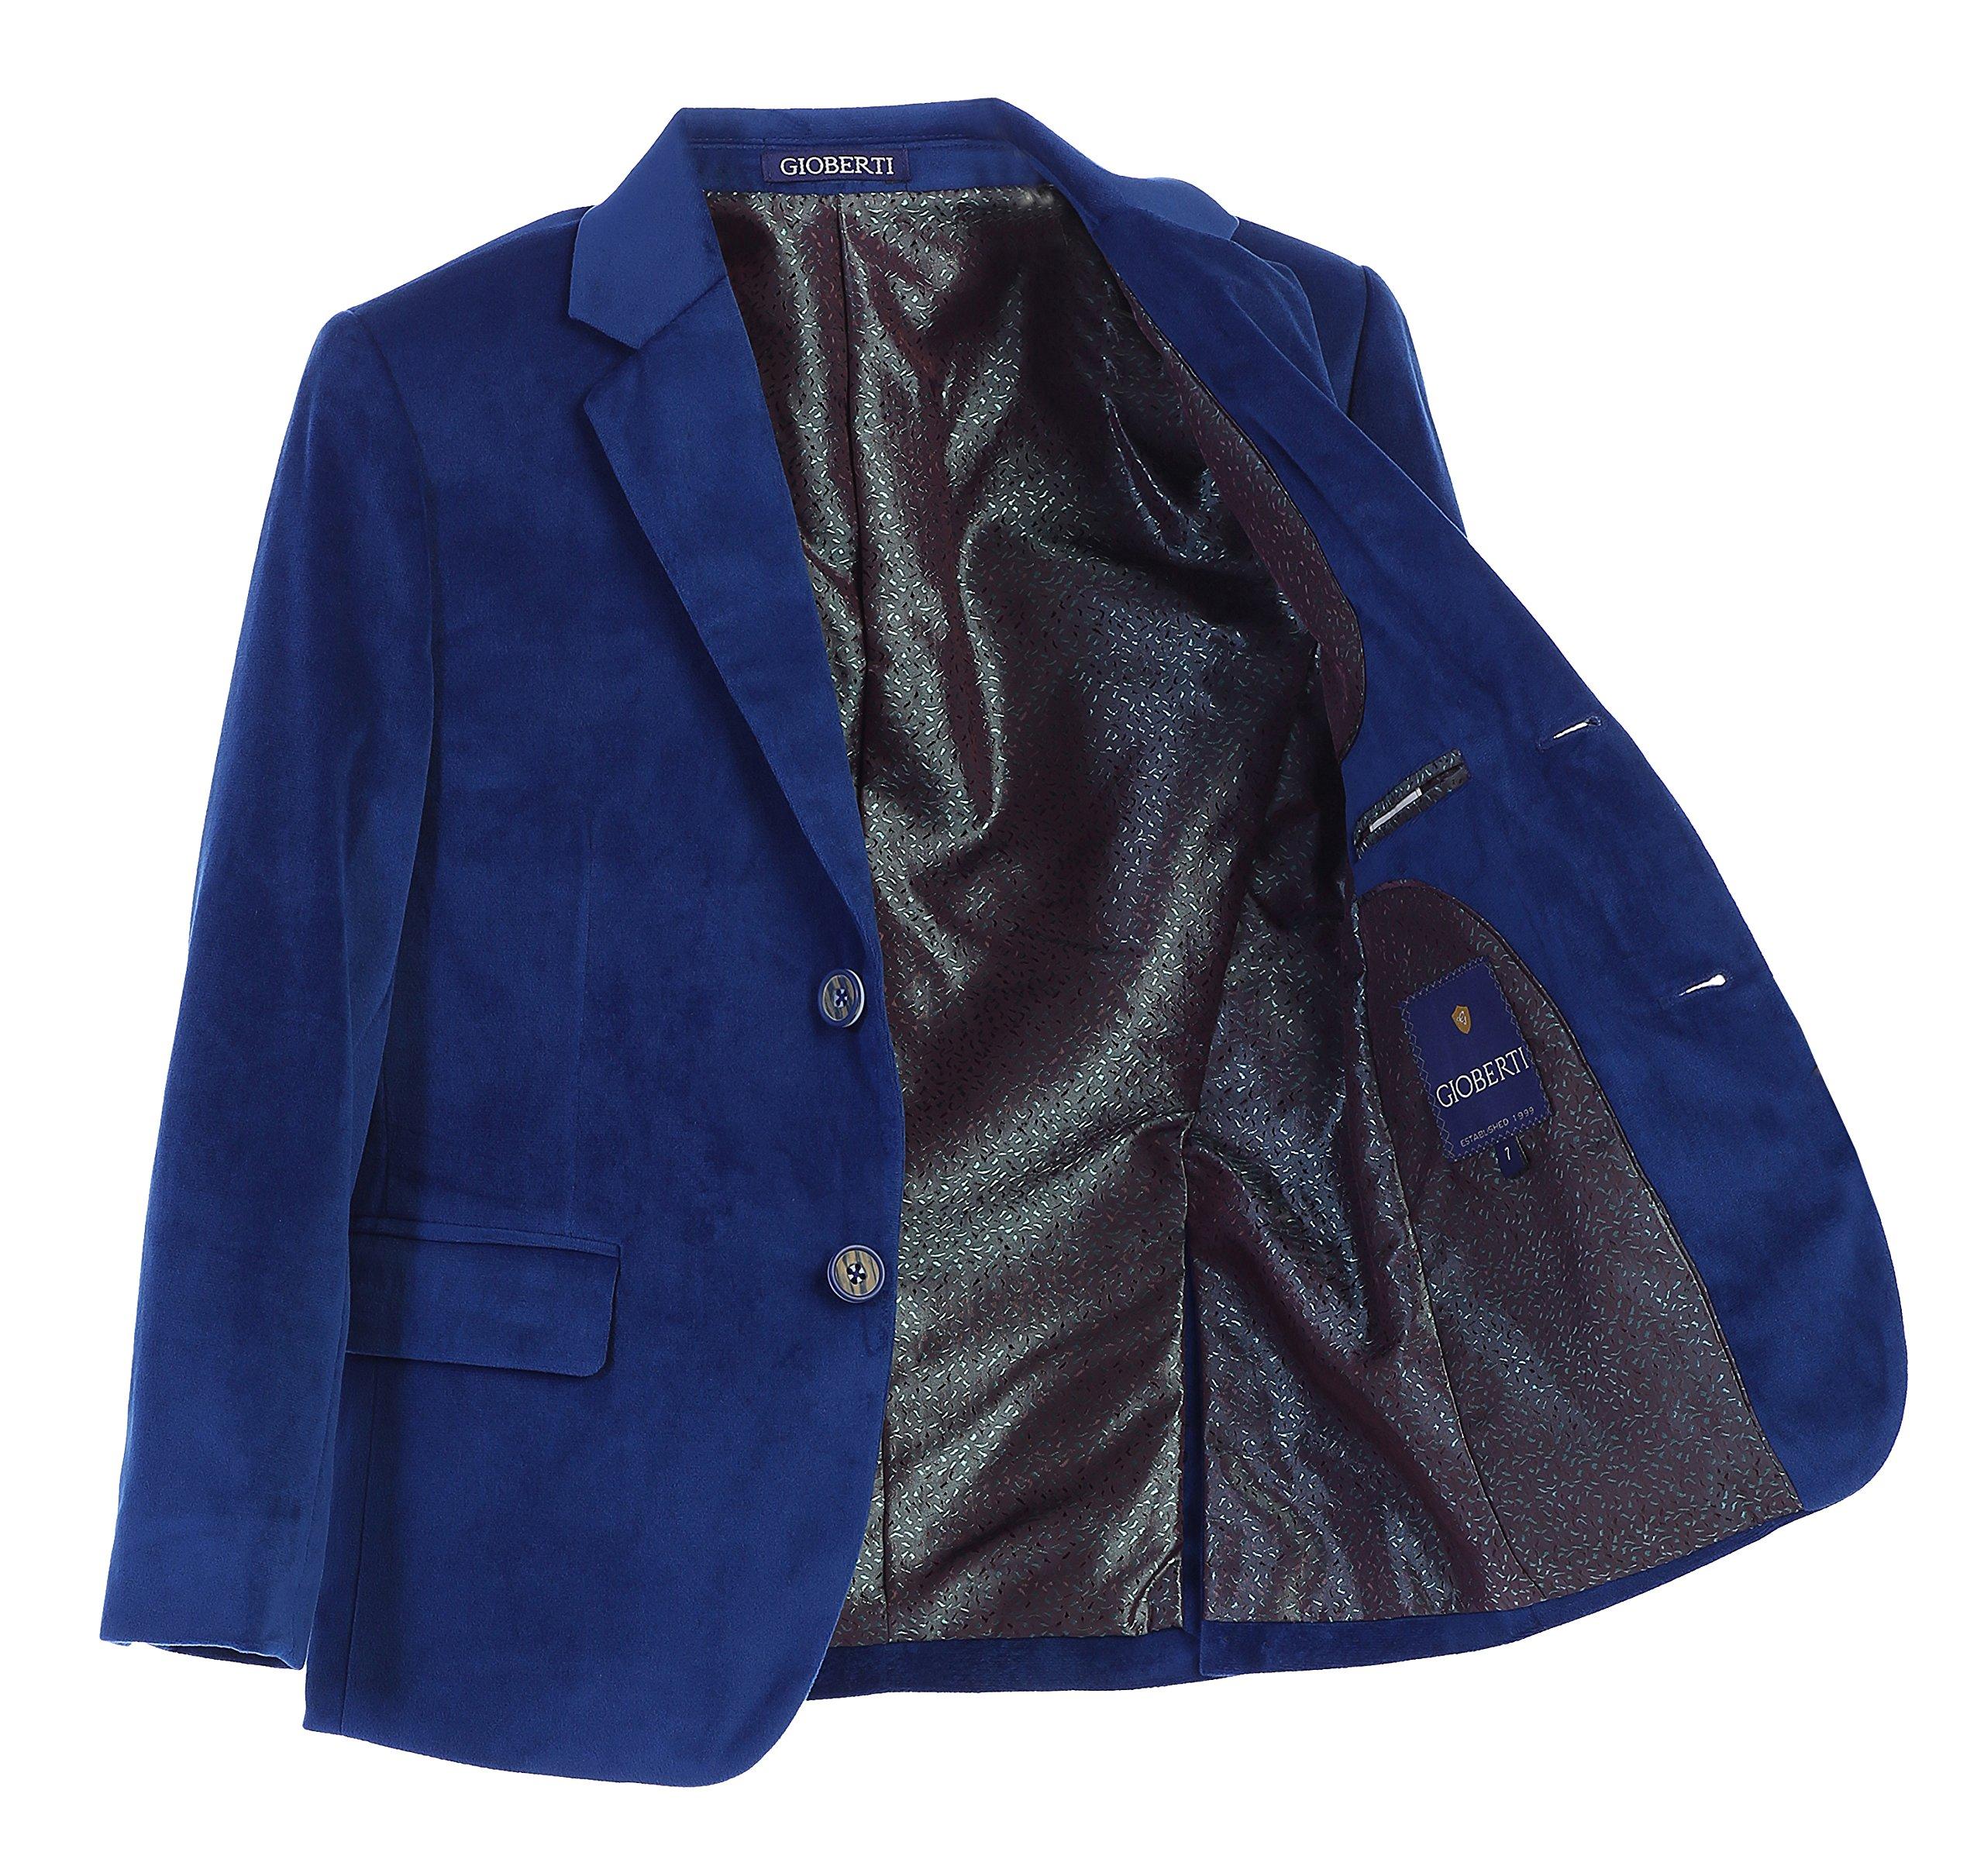 Gioberti Little Boys Formal Velvet Blazer, Royal Blue, Size 4T